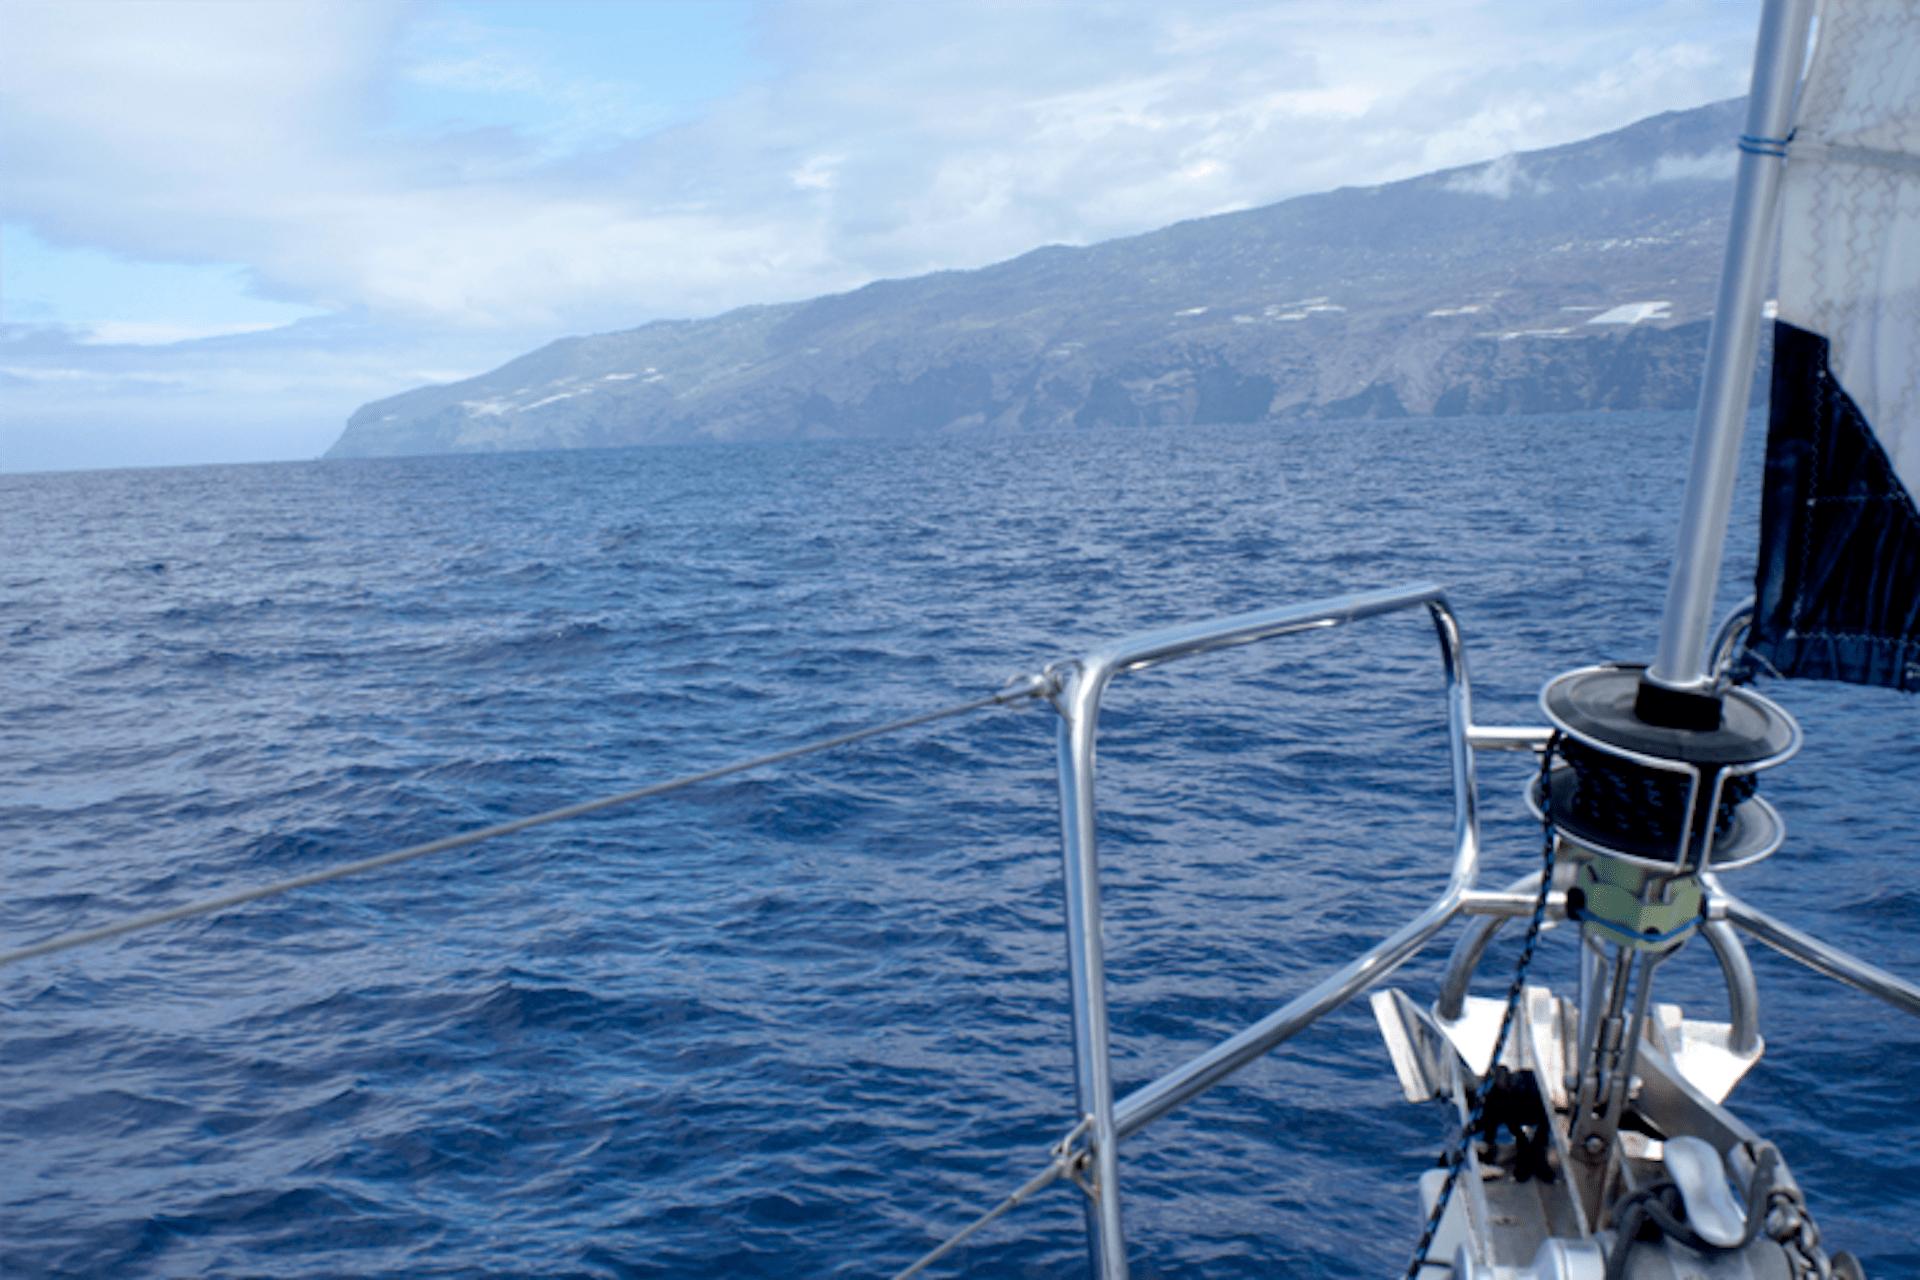 escursione in barca la palma isole canarie